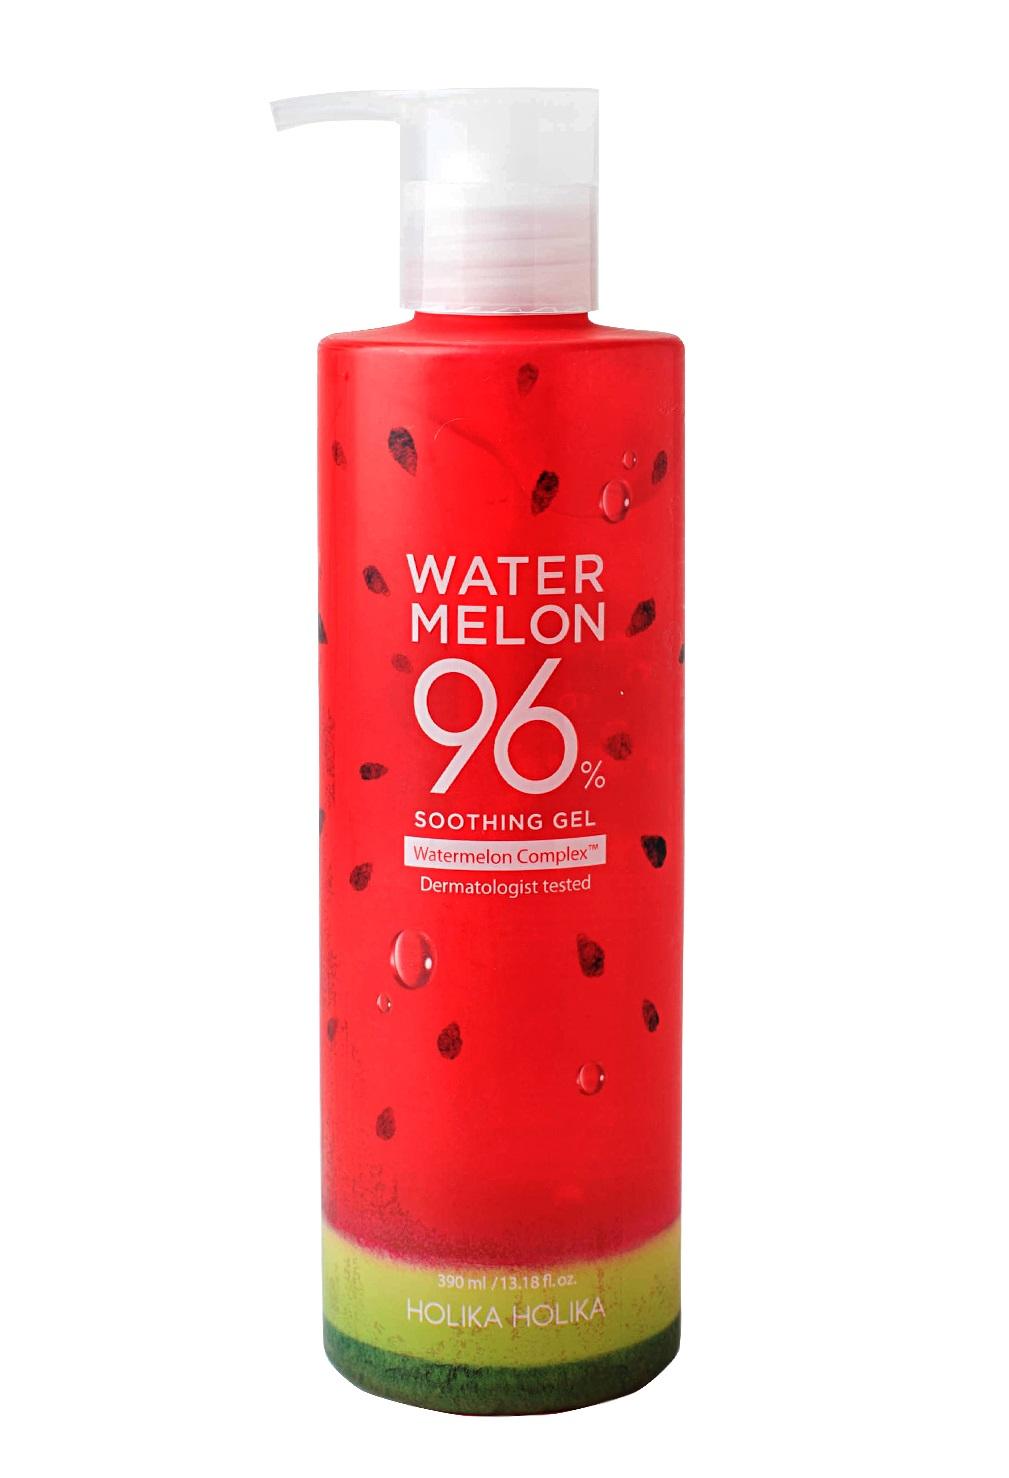 Купить HOLIKA HOLIKA Гель универсальный для лица и тела с экстрактом арбуза / Water Melon 96% Soothing Gel 390 мл